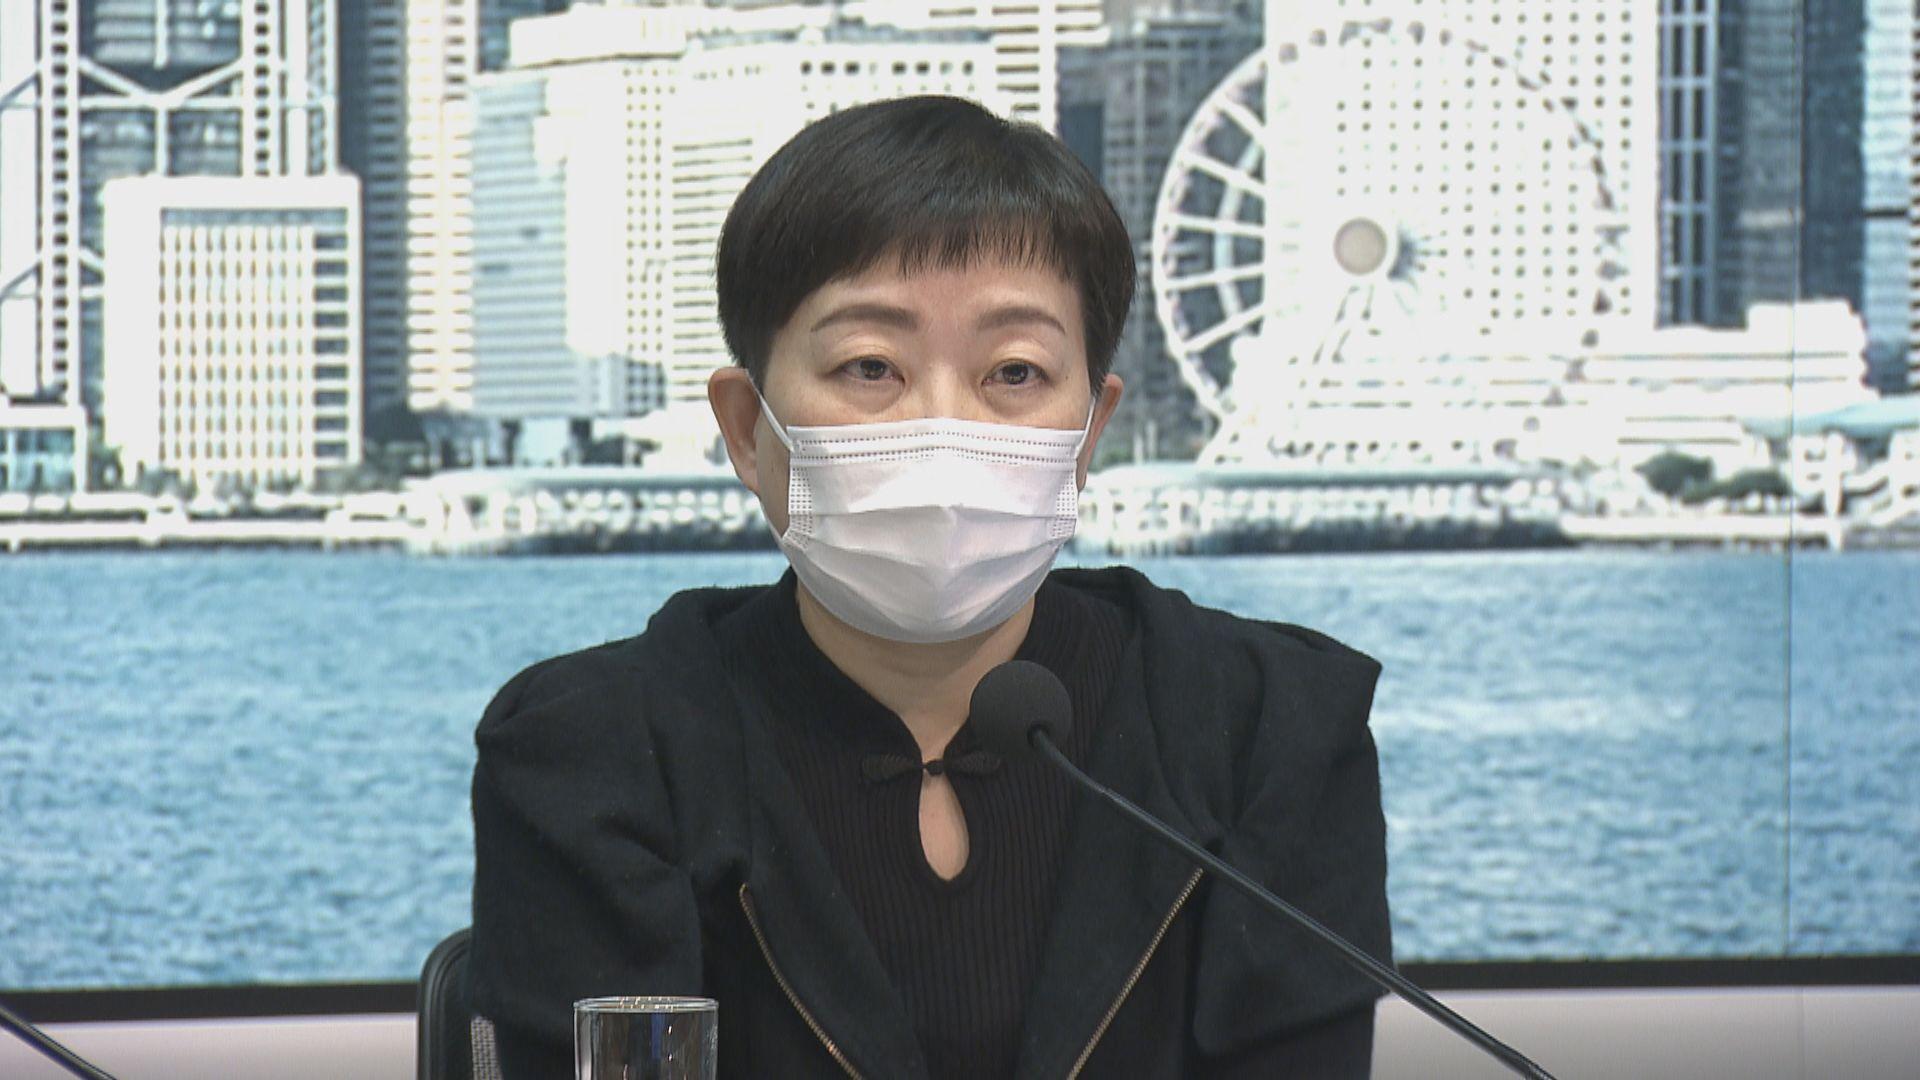 葵涌華豐園毋須強制檢測 衞生防護中心致歉